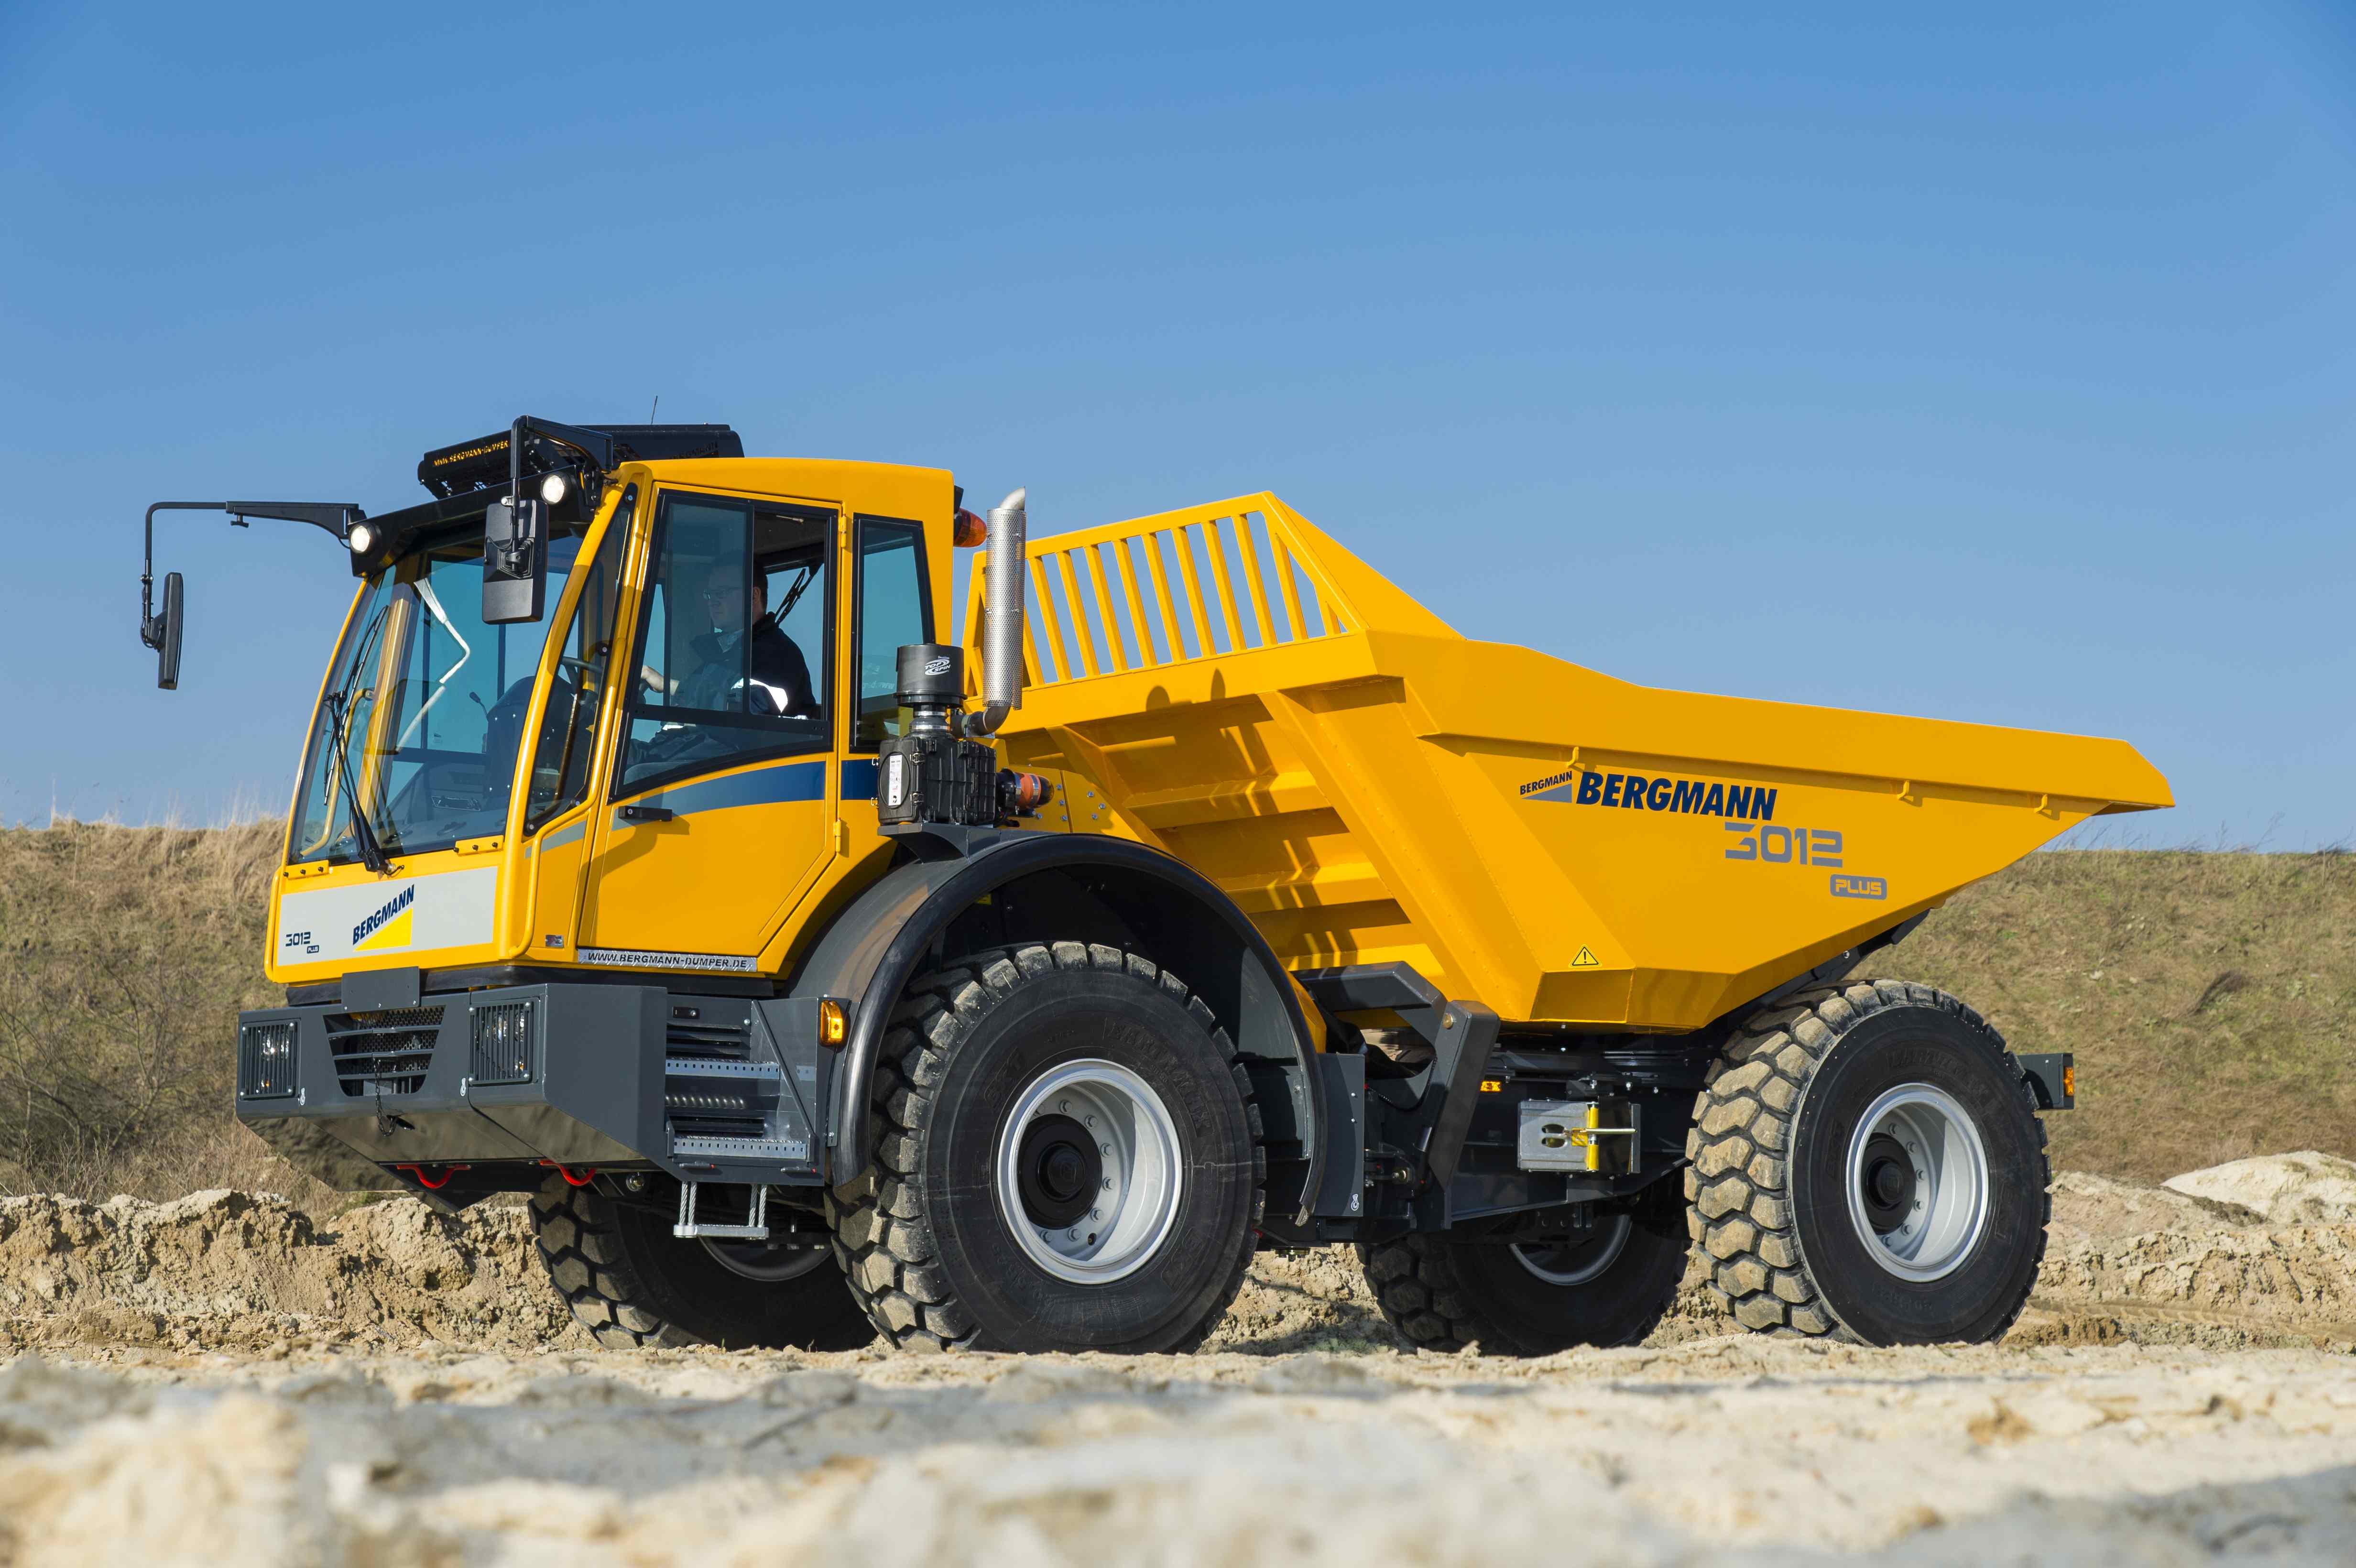 Bergmann 3012R Swivel-Tip Tracked Dumper